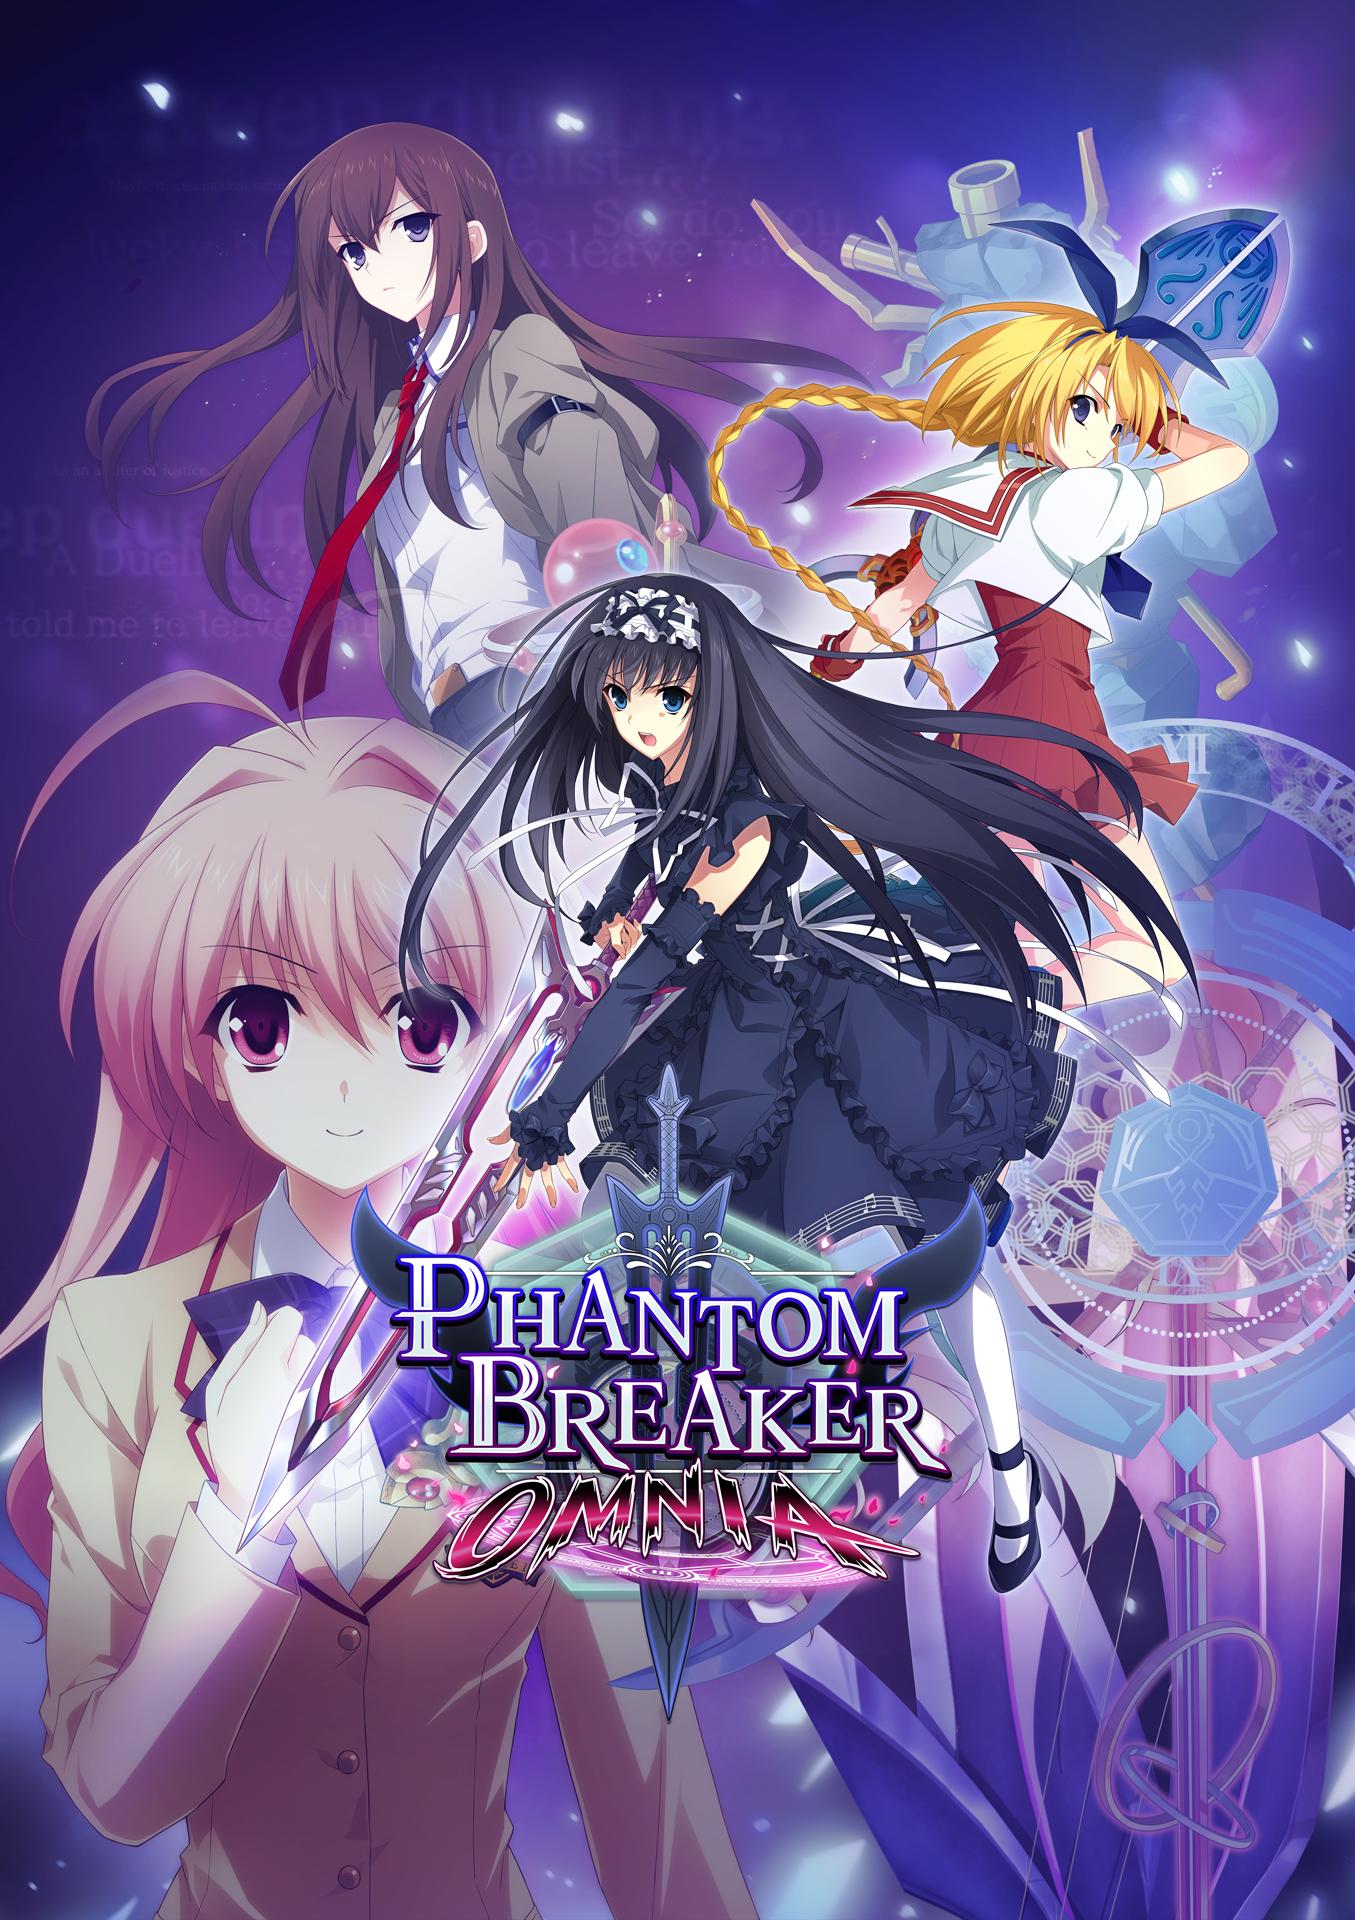 Phantom-Breaker-Omnia_2020_10-15-20_009